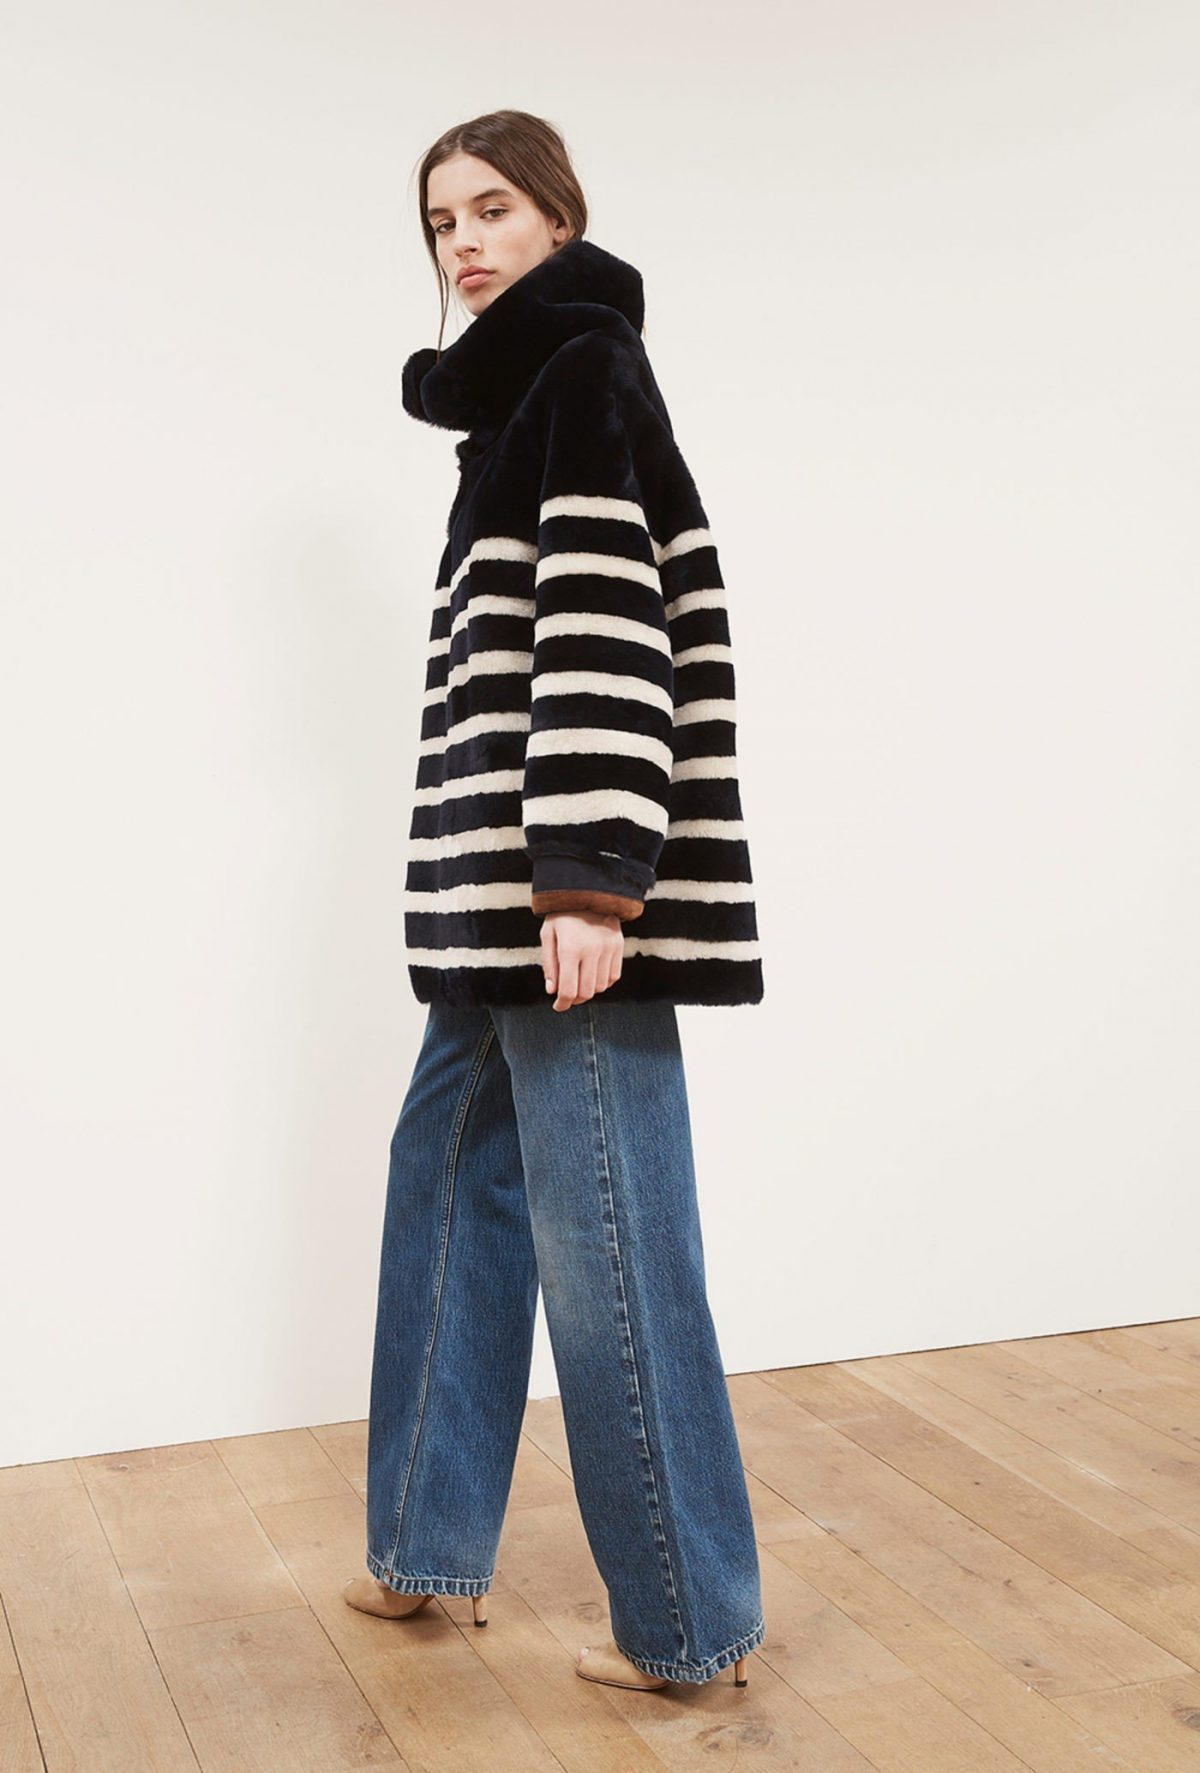 модные образы весна 2019: полосатое пальто оверсайз и широкие джинсы